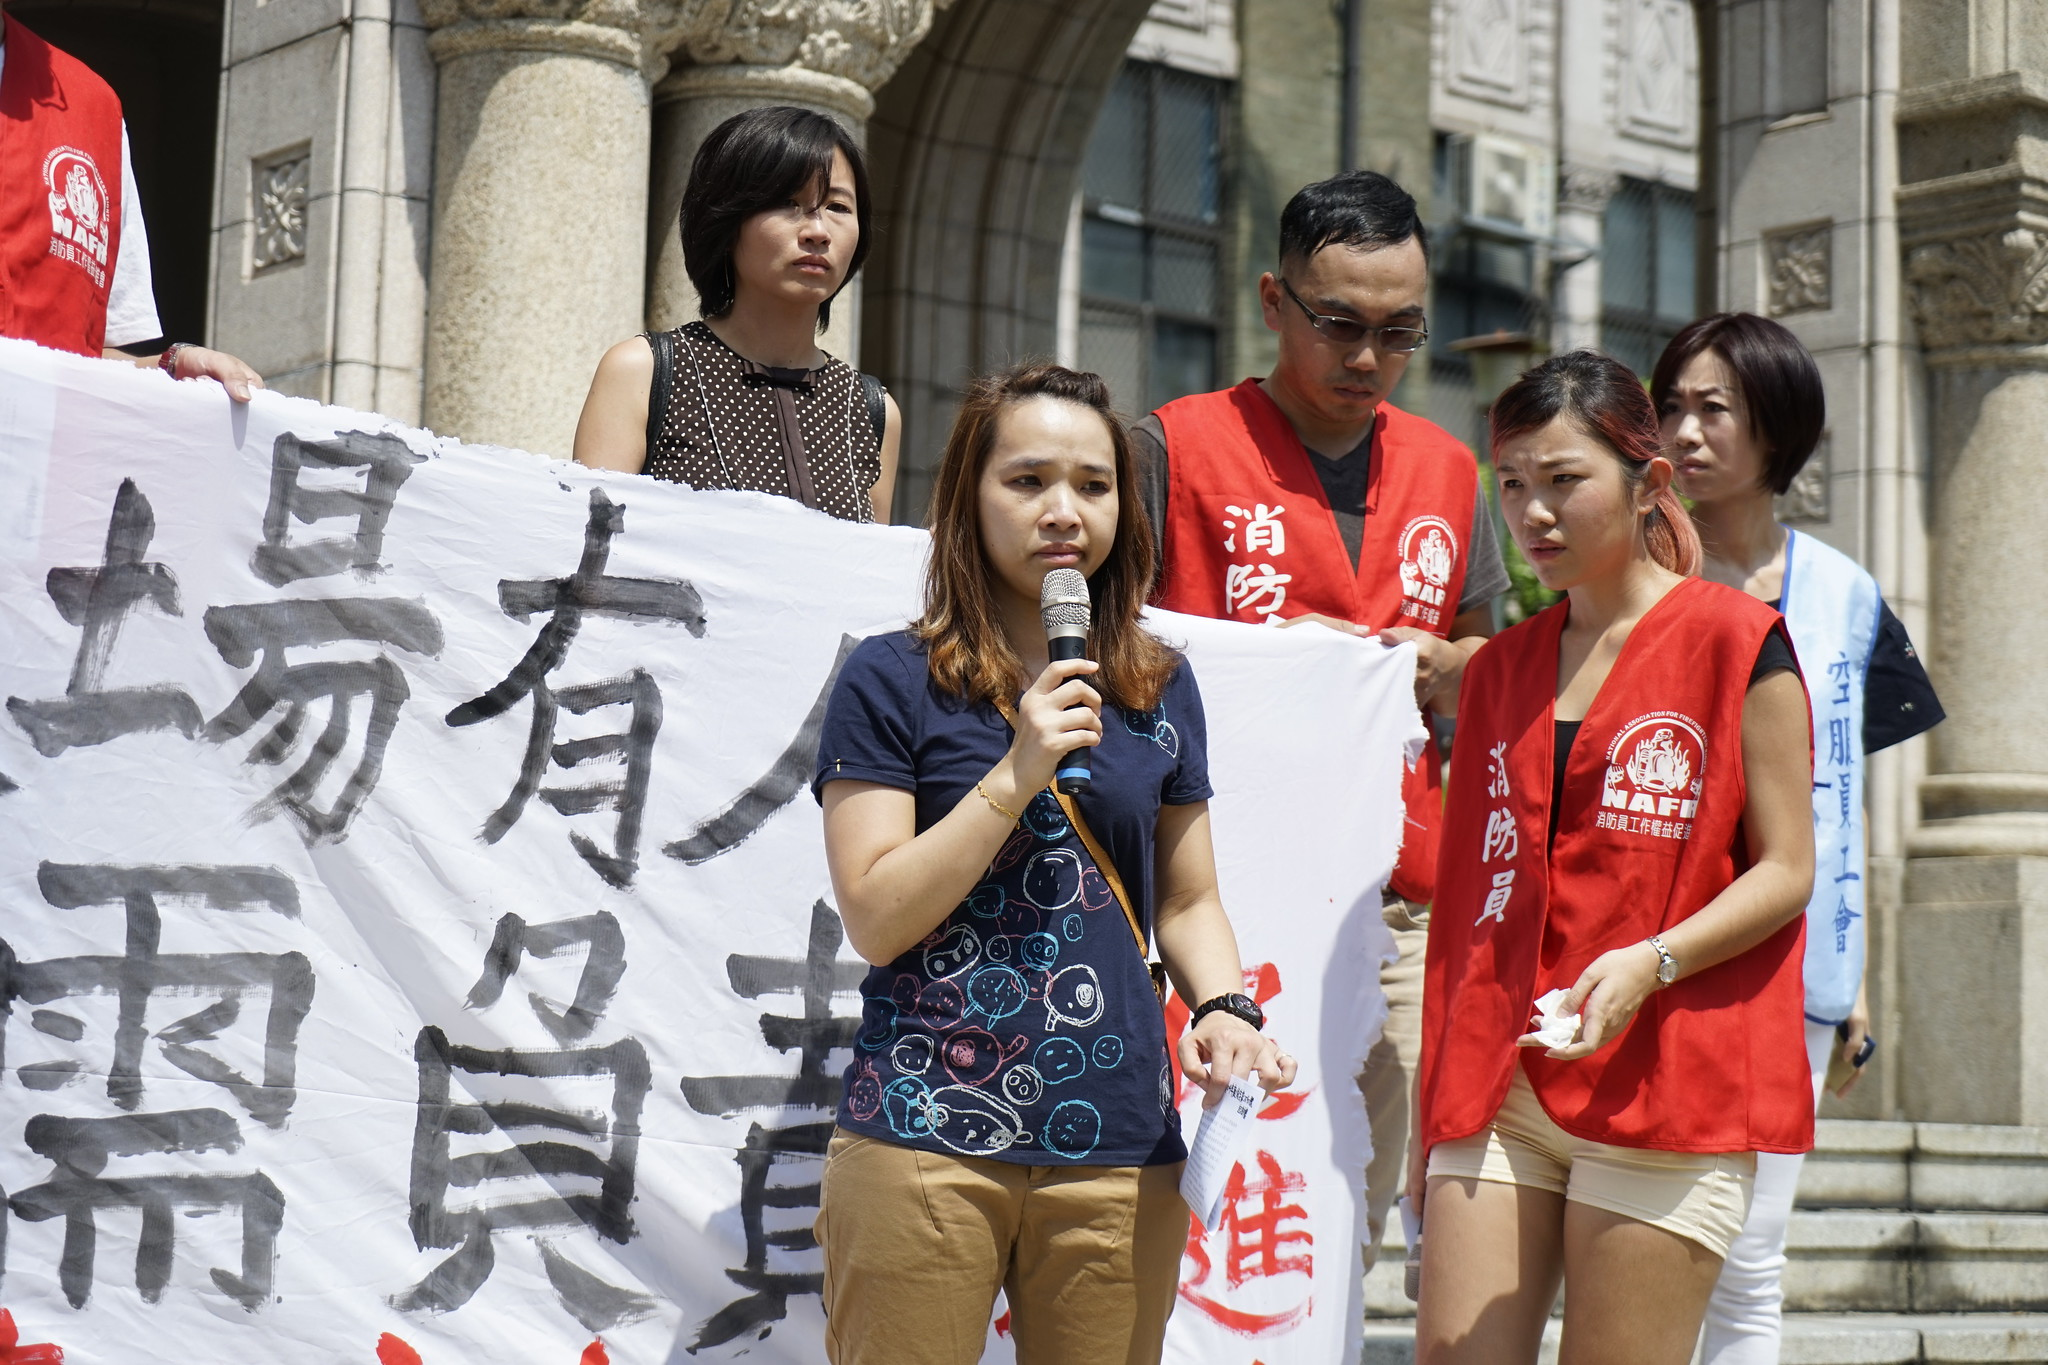 罹難消防員陳鳳翔家屬,數度哽咽,說明收到不起訴決定書後的沈痛心情。(攝影:張宗坤)